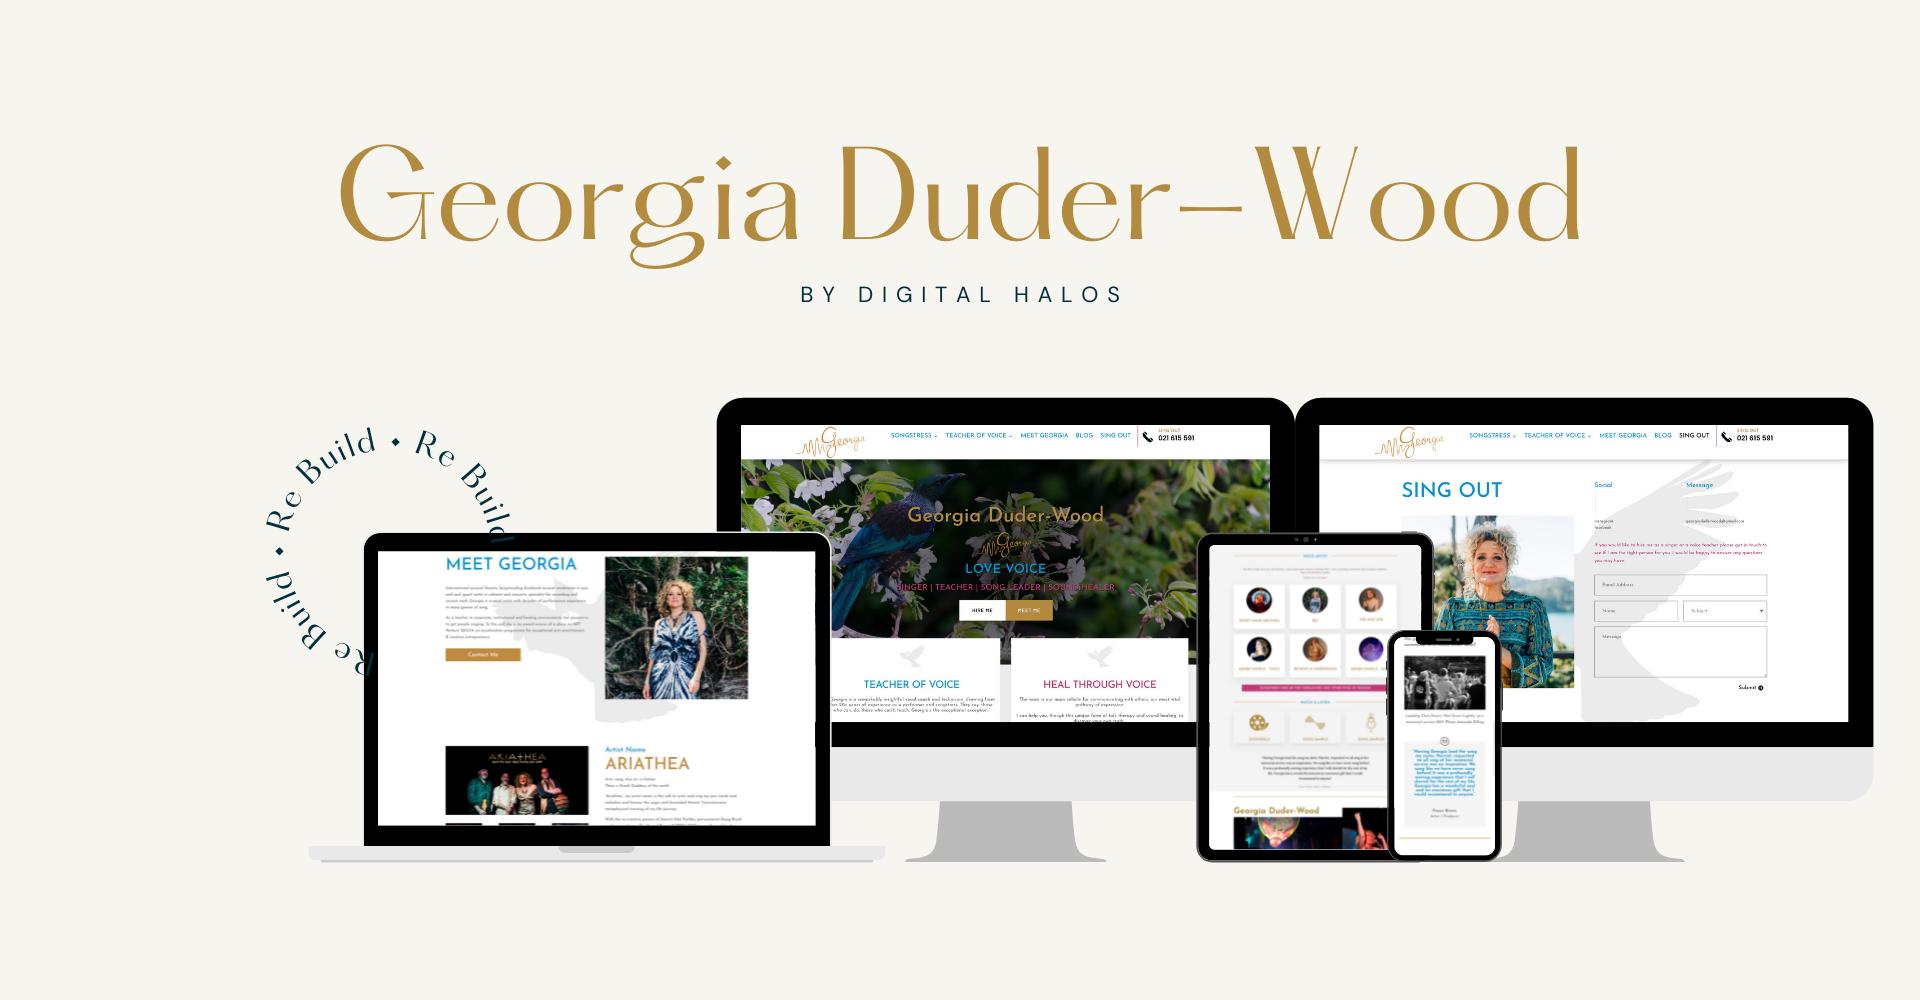 Georgia Duder-Wood